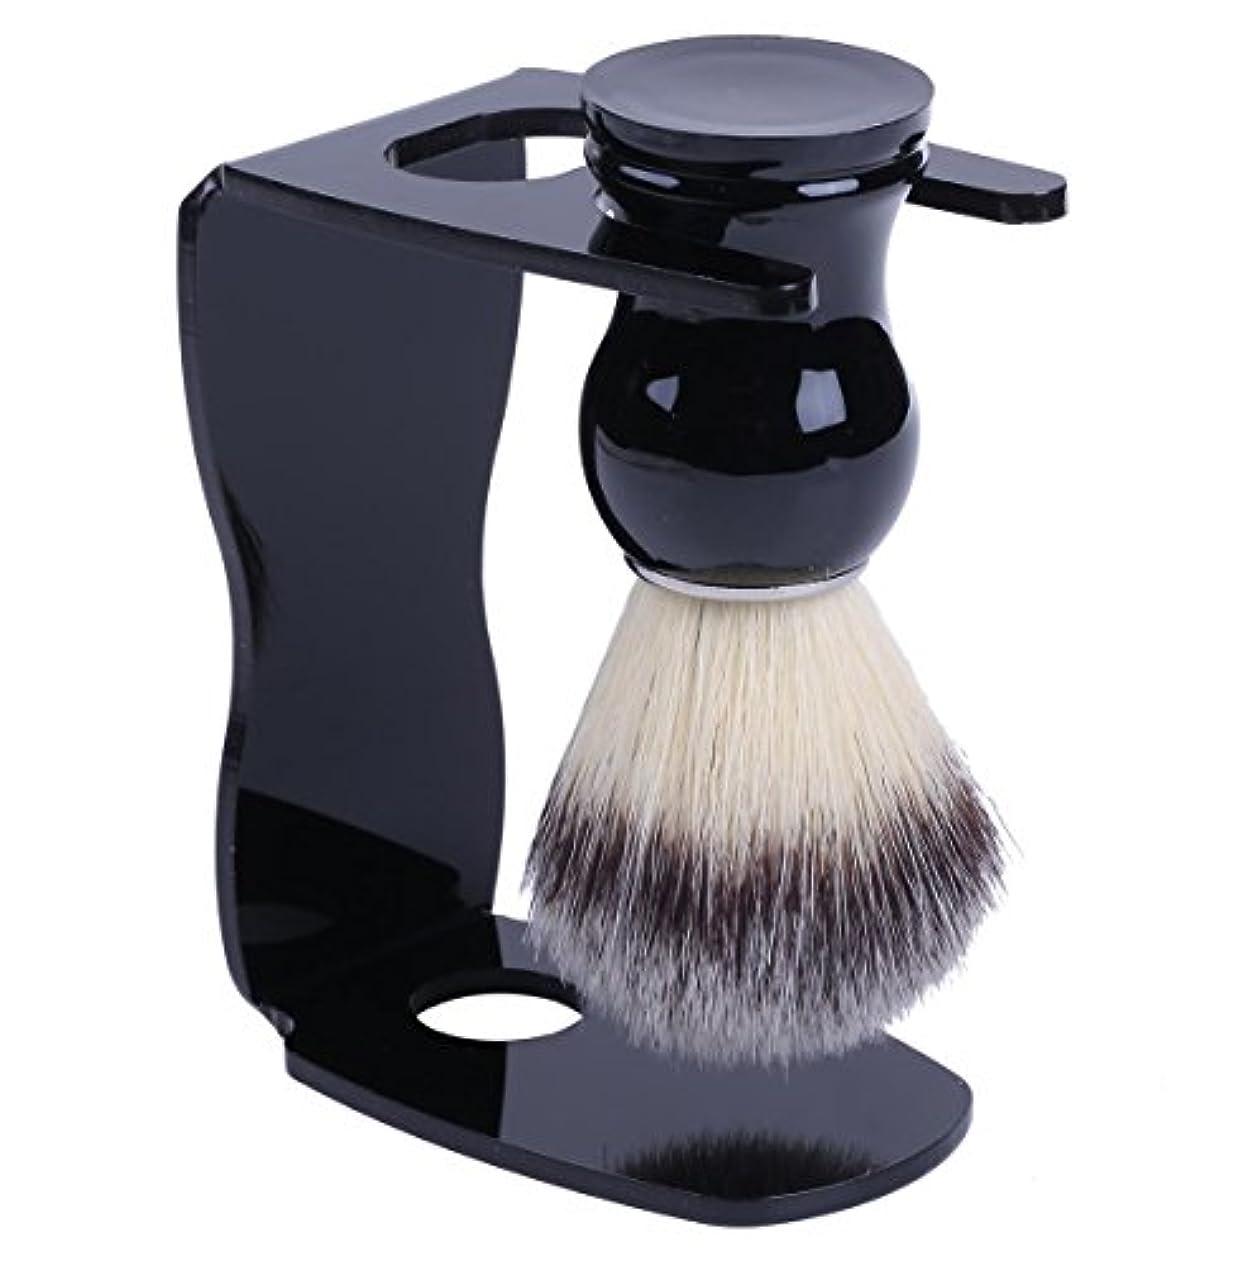 トレーニング賞賛するフィット泡立ちが違う アナグマ 毛100% スタンド付き シェービング ブラシ /髭剃り 洗顔 理容 マッサージ 美容 効果